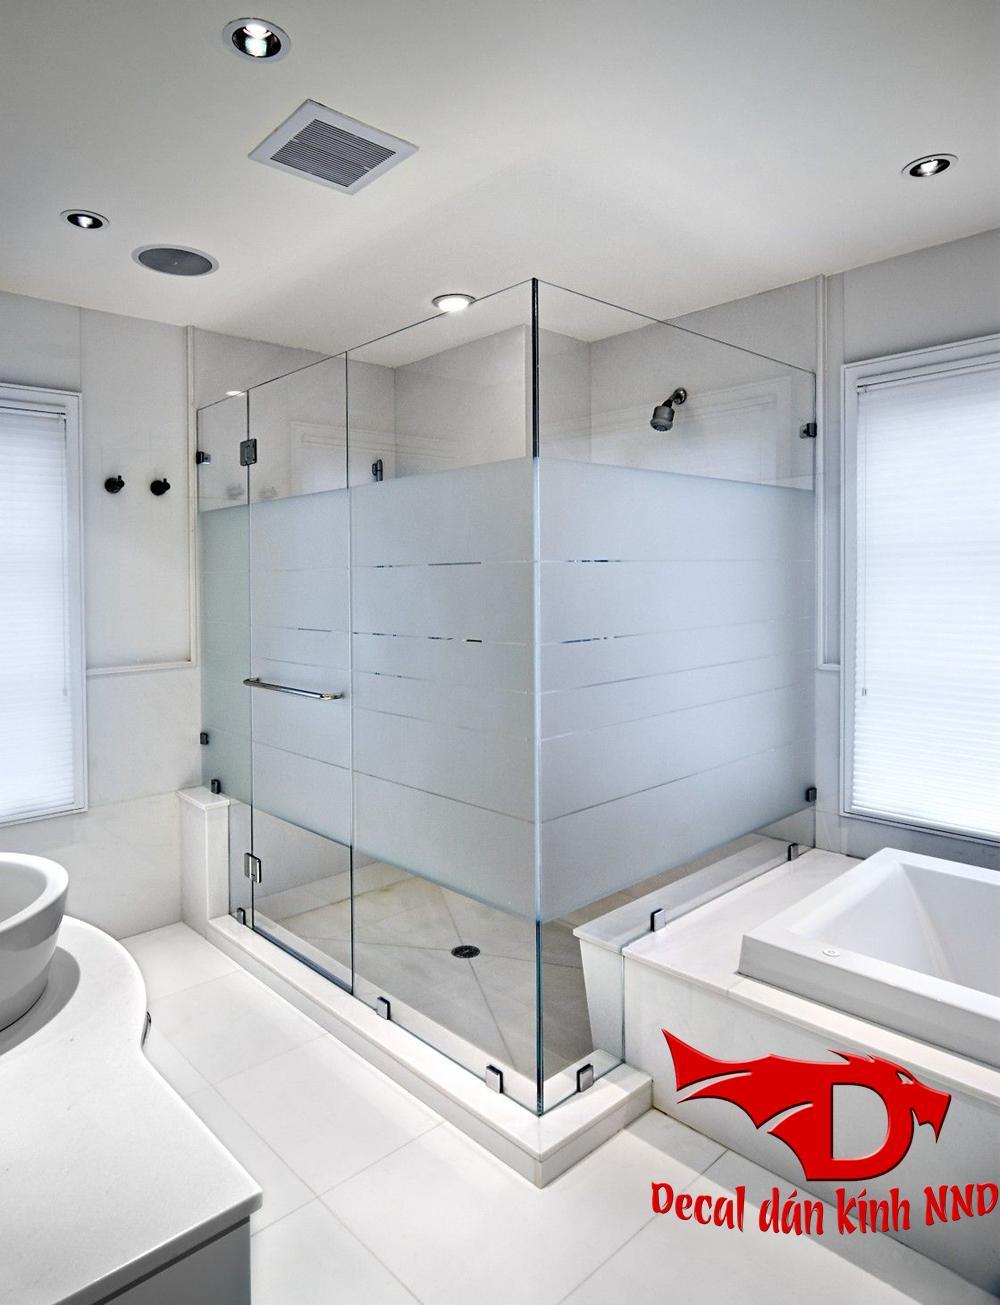 Ngoài ra bạn có thể sử dụng phương án dán decal mờ kết hợp với kẻ các đường chỉ dán kính cho phòng tắm trong